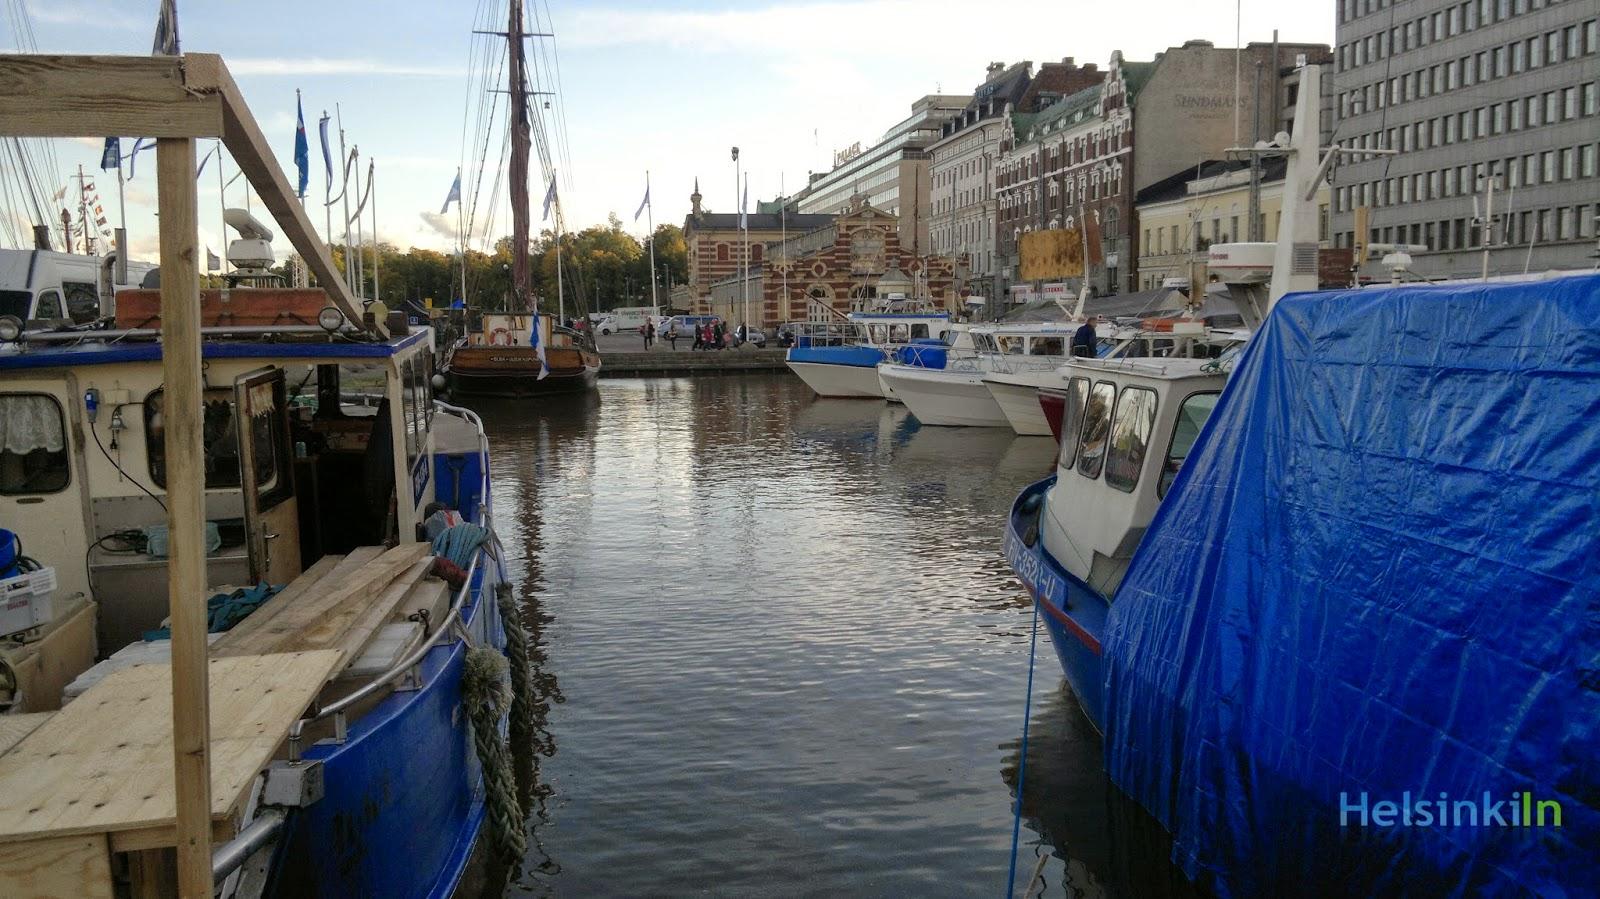 Silakkamarkinat in Helsinki